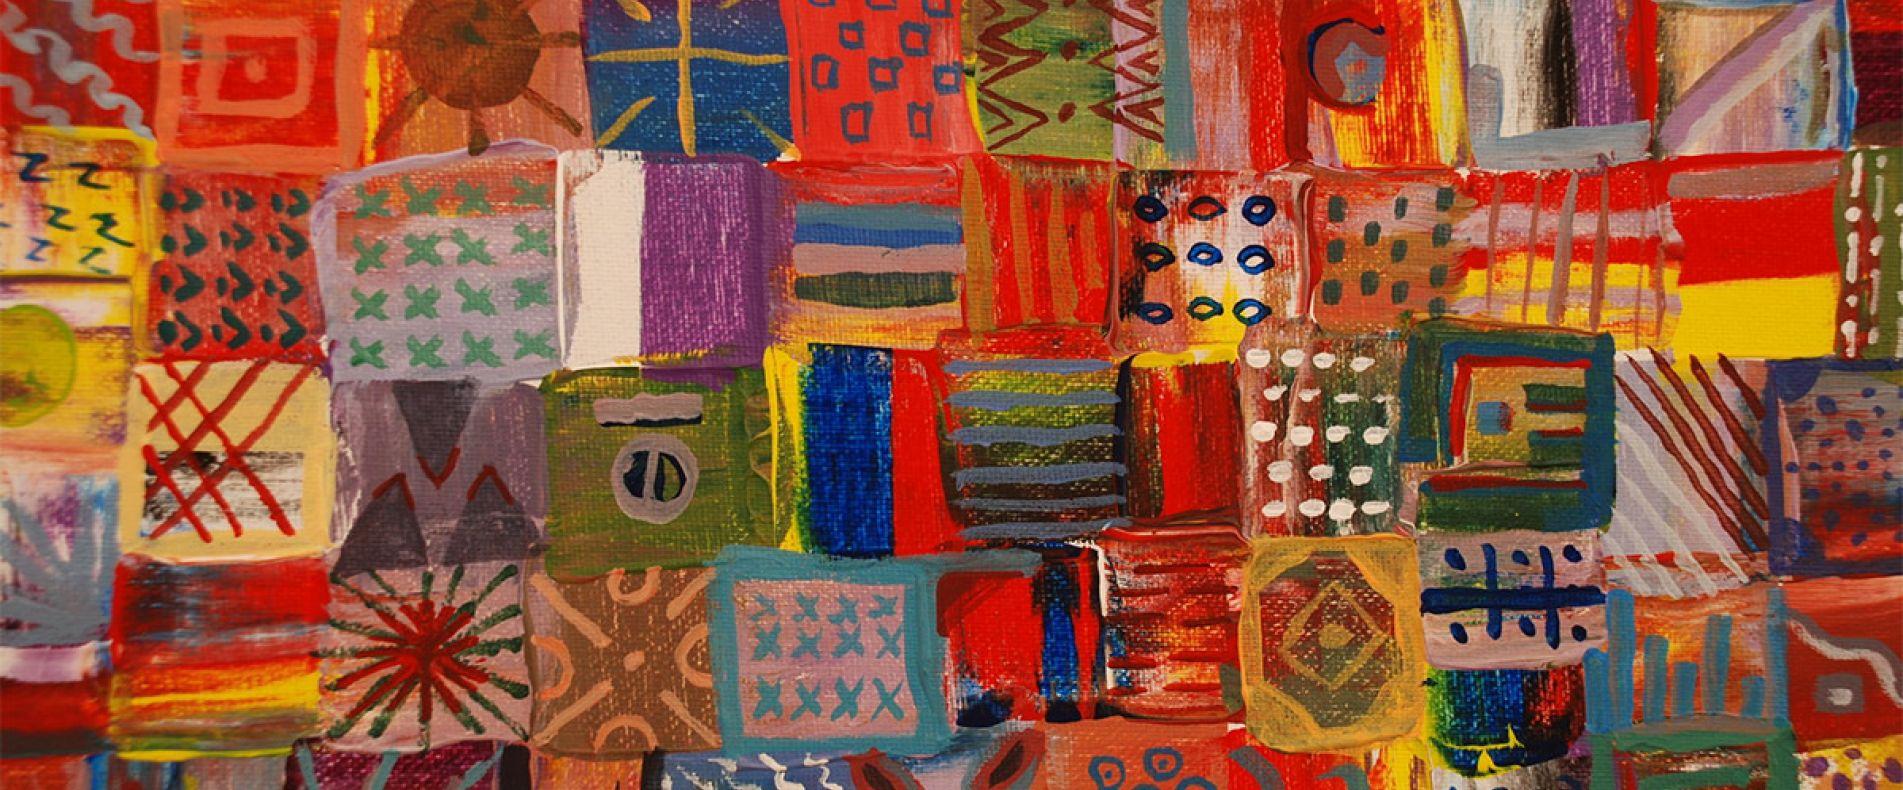 Quilt Image - 021012 2